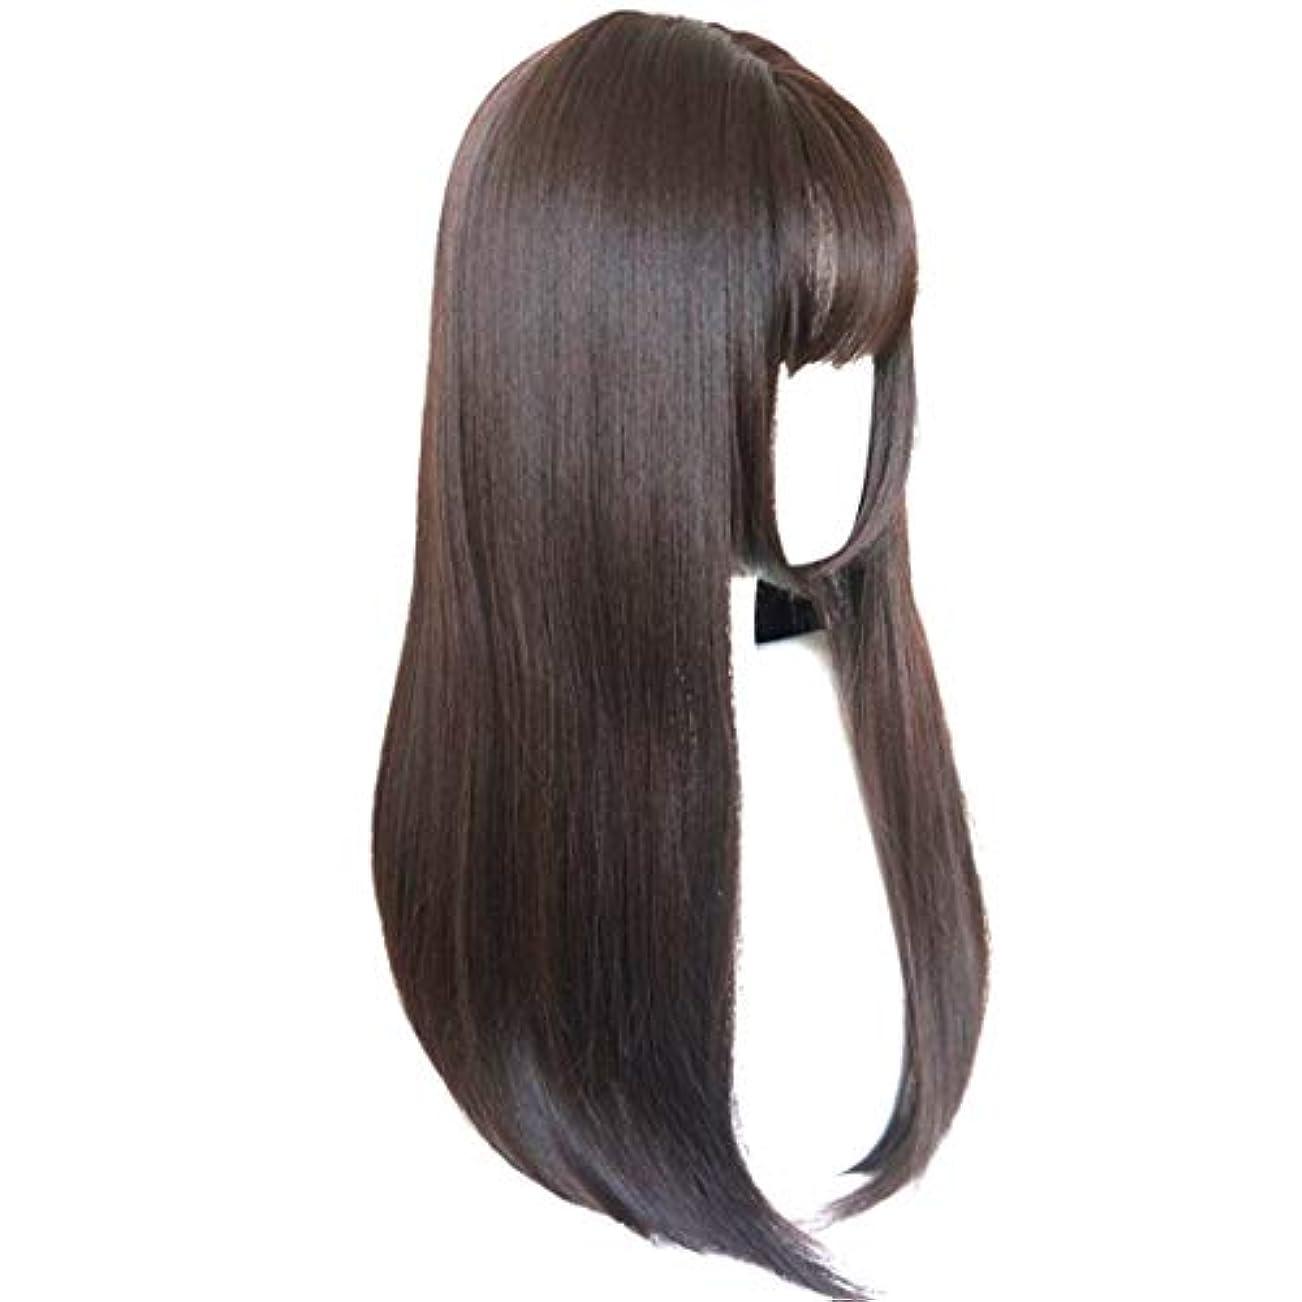 昇進メロドラマ告白するKerwinner かつら完全なかつら女性のための耐熱性耐熱性でかつらストレートロング人工毛